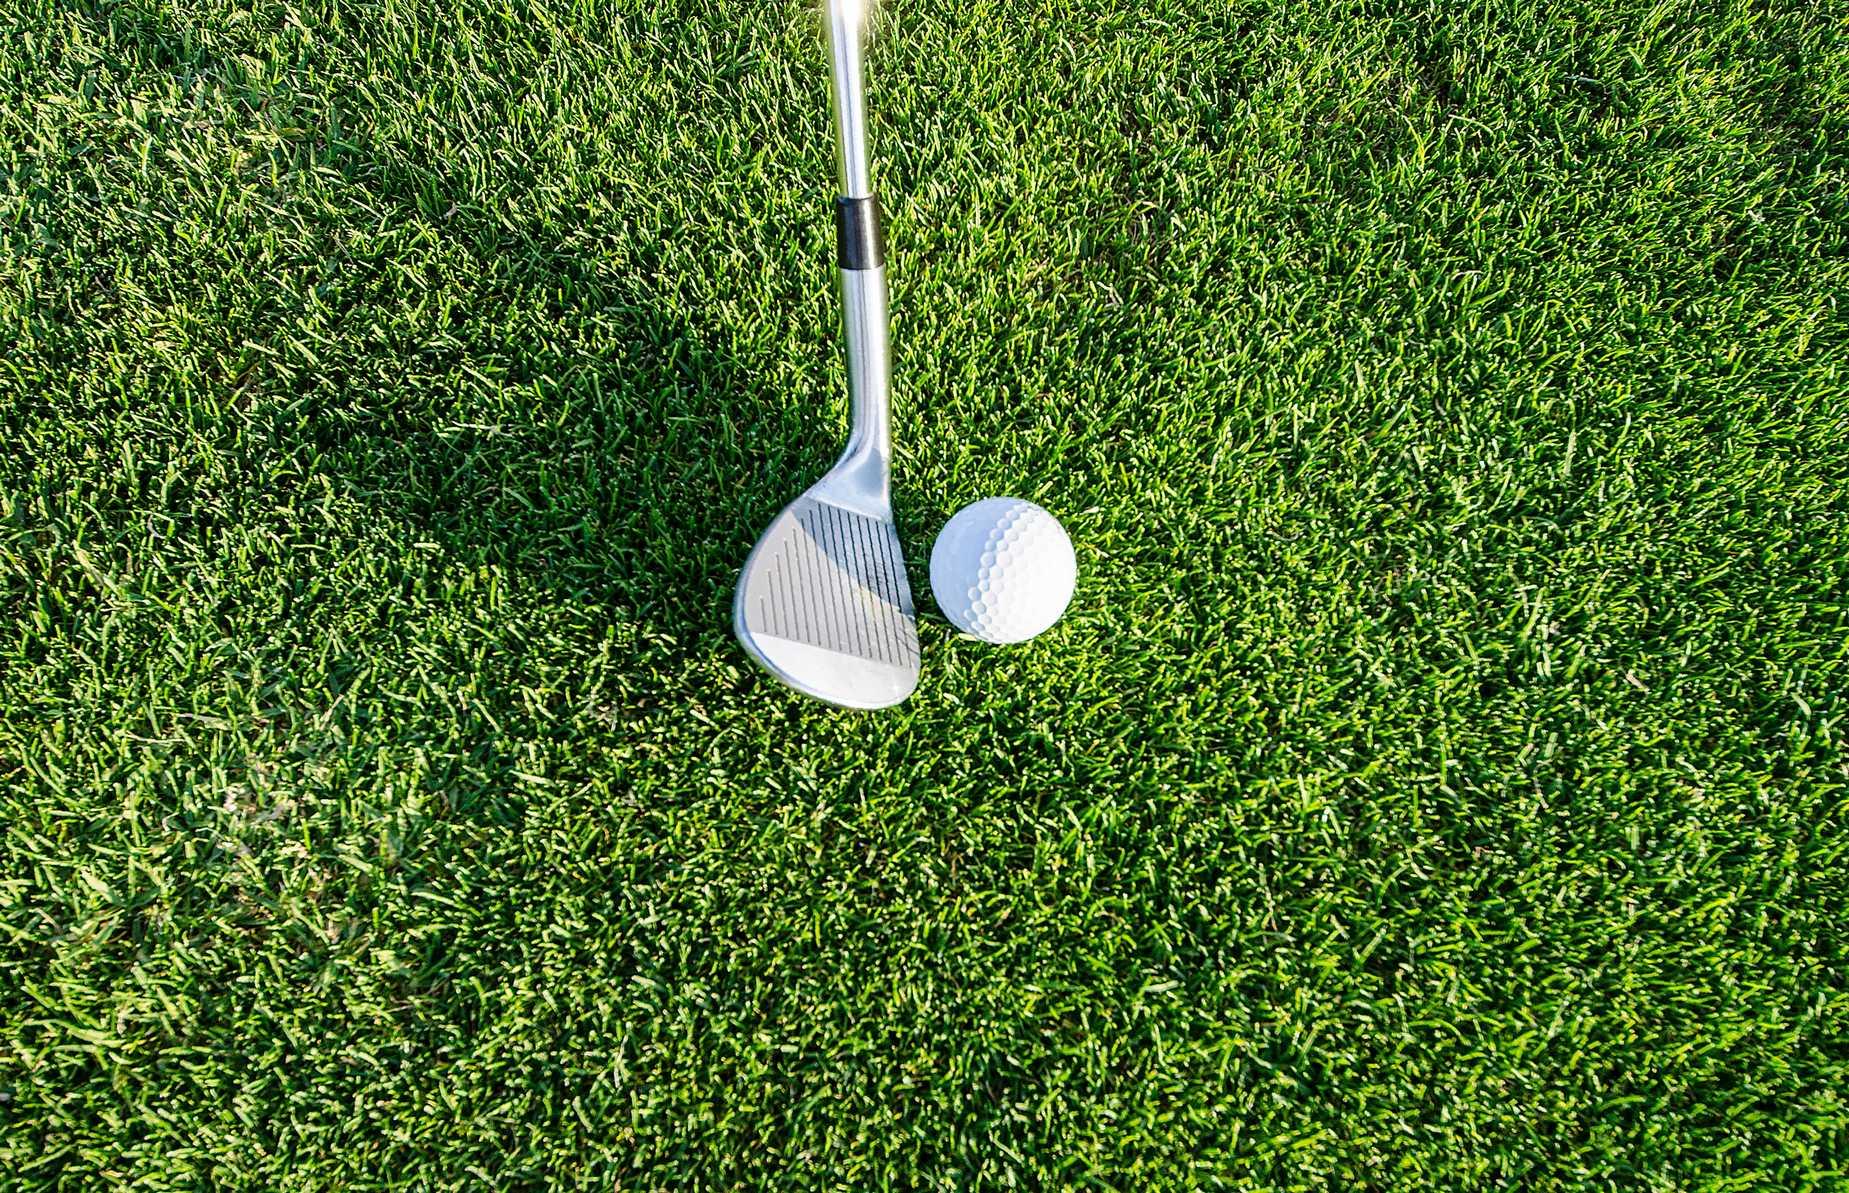 co w golfie jest najtrudniejsze dla początkujących graczy